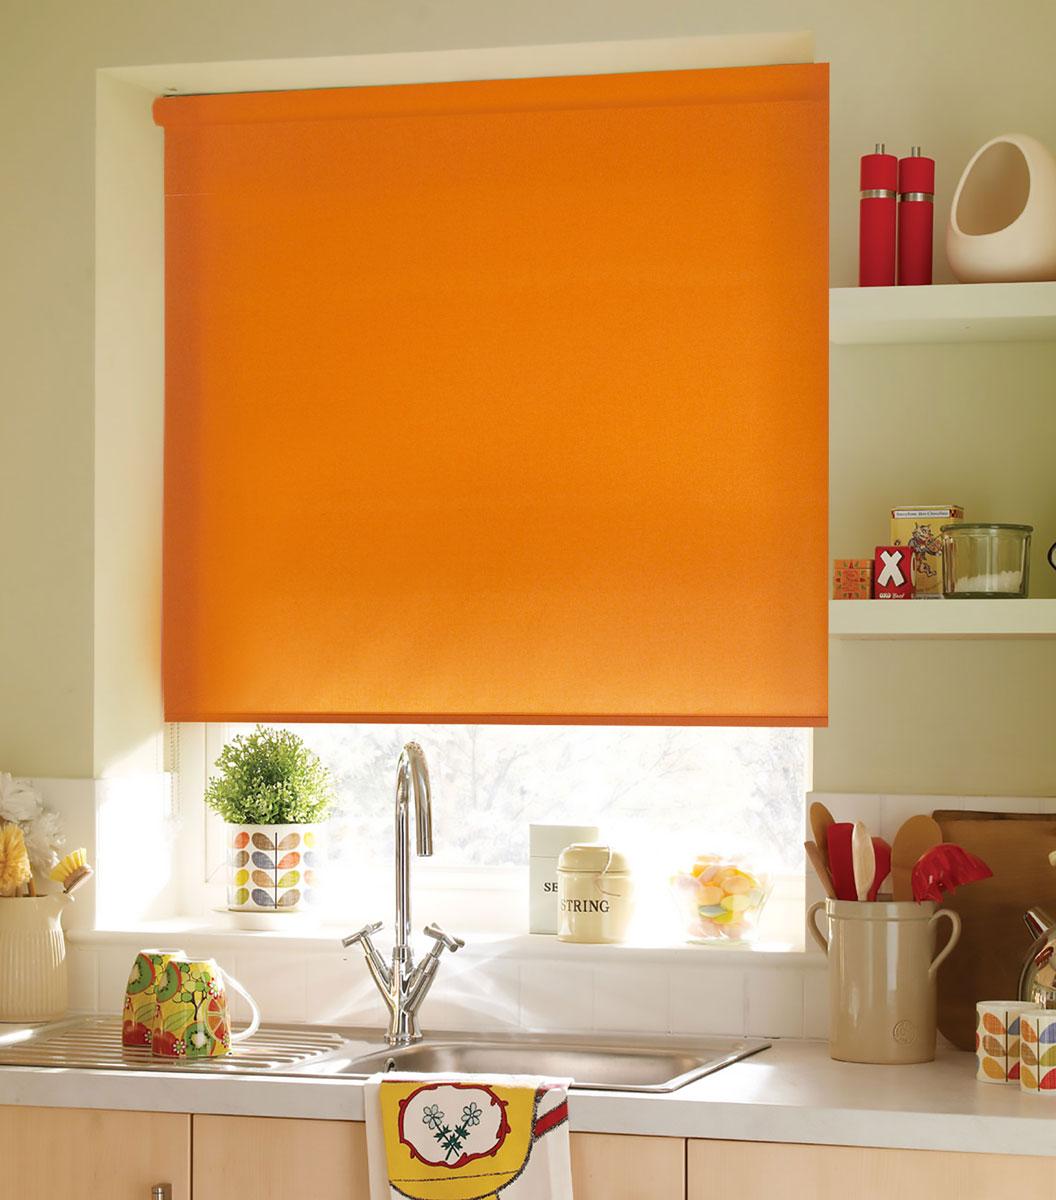 Миниролло KauffOrt 57х170 см, цвет: оранжевый